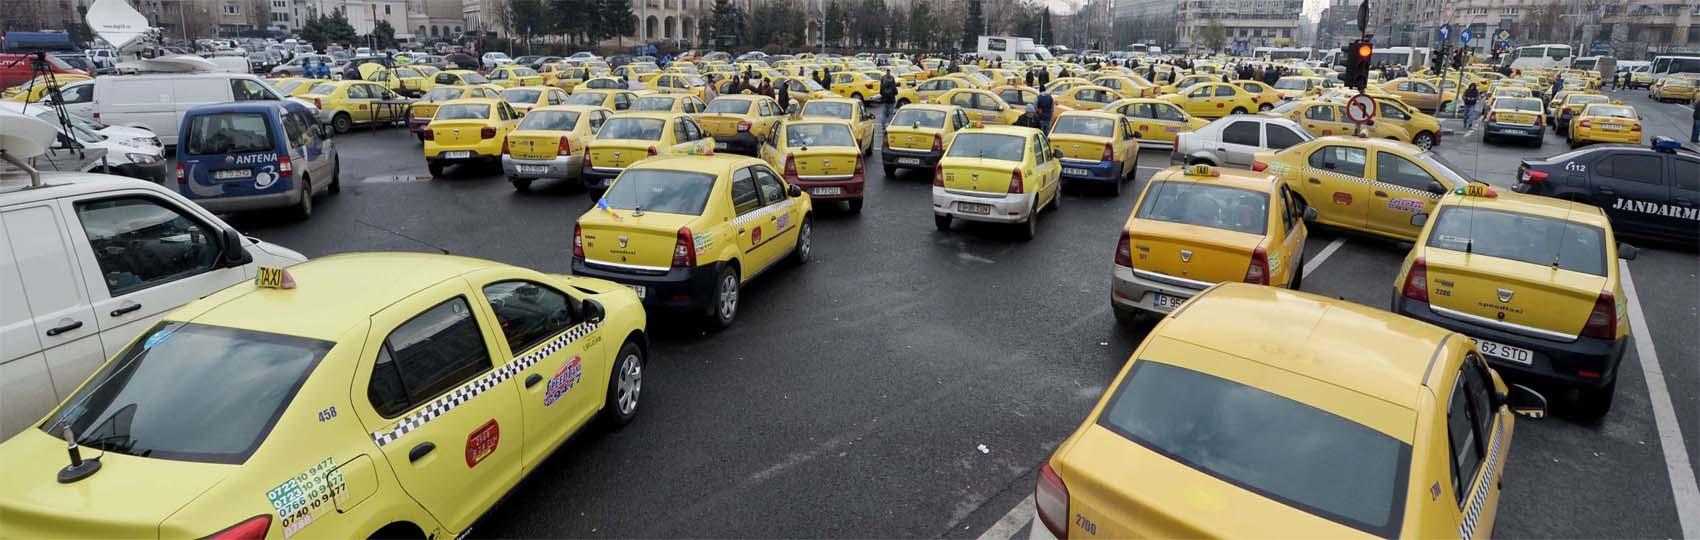 Noticias del sector del taxi y la movilidad en Rumanía. Mantente informado de todas las noticias del taxi de Rumanía en el grupo de Facebook de Todo Taxi.